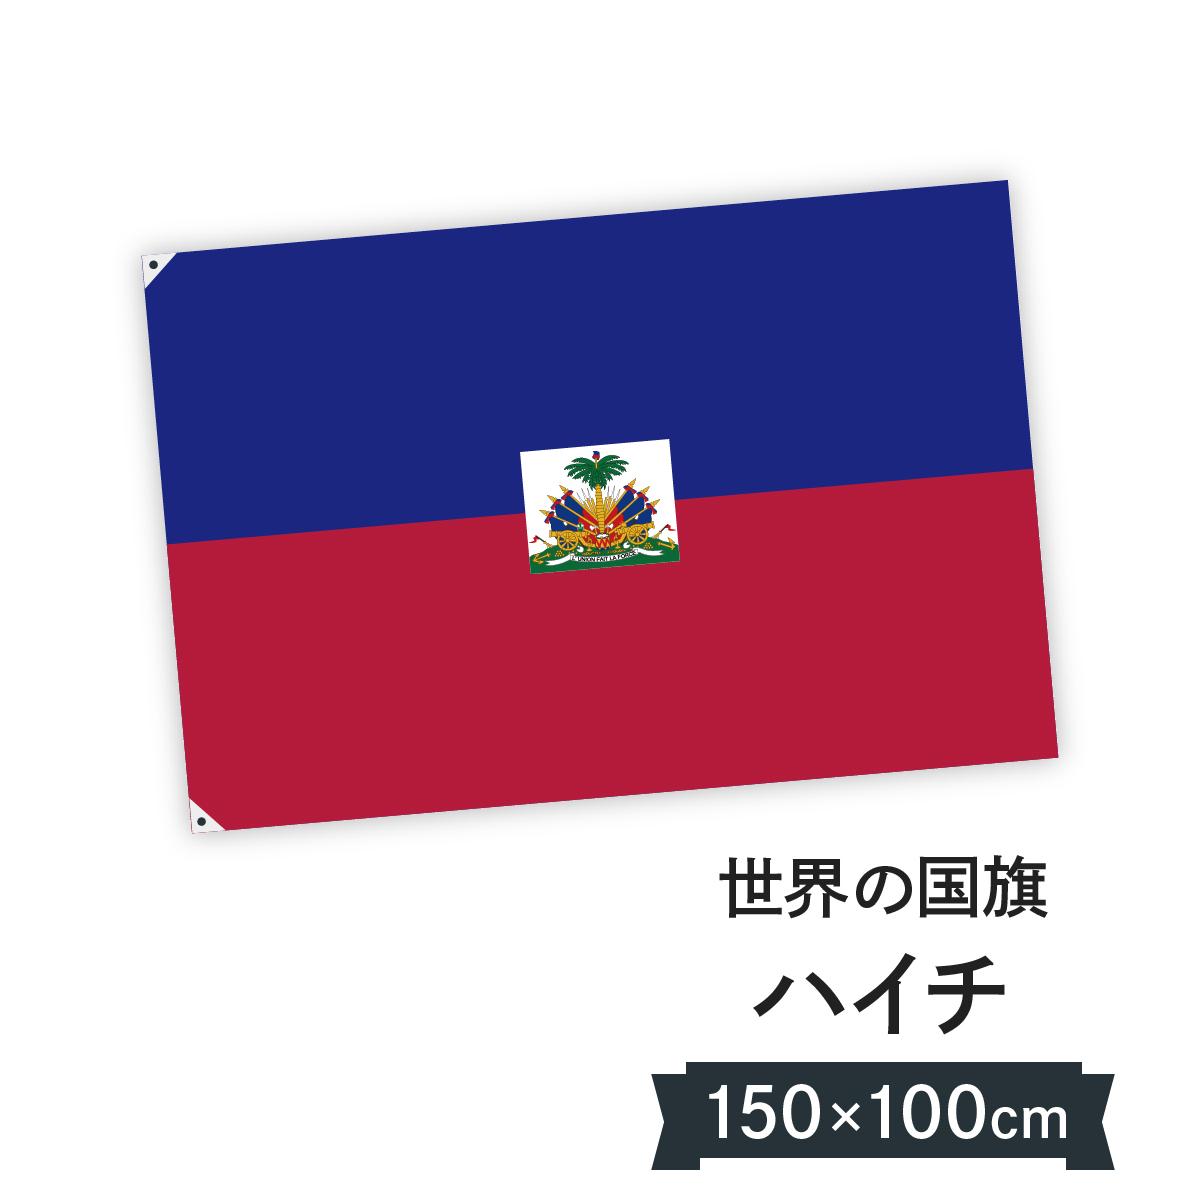 ハイチ共和国 国旗 W150cm H100cm